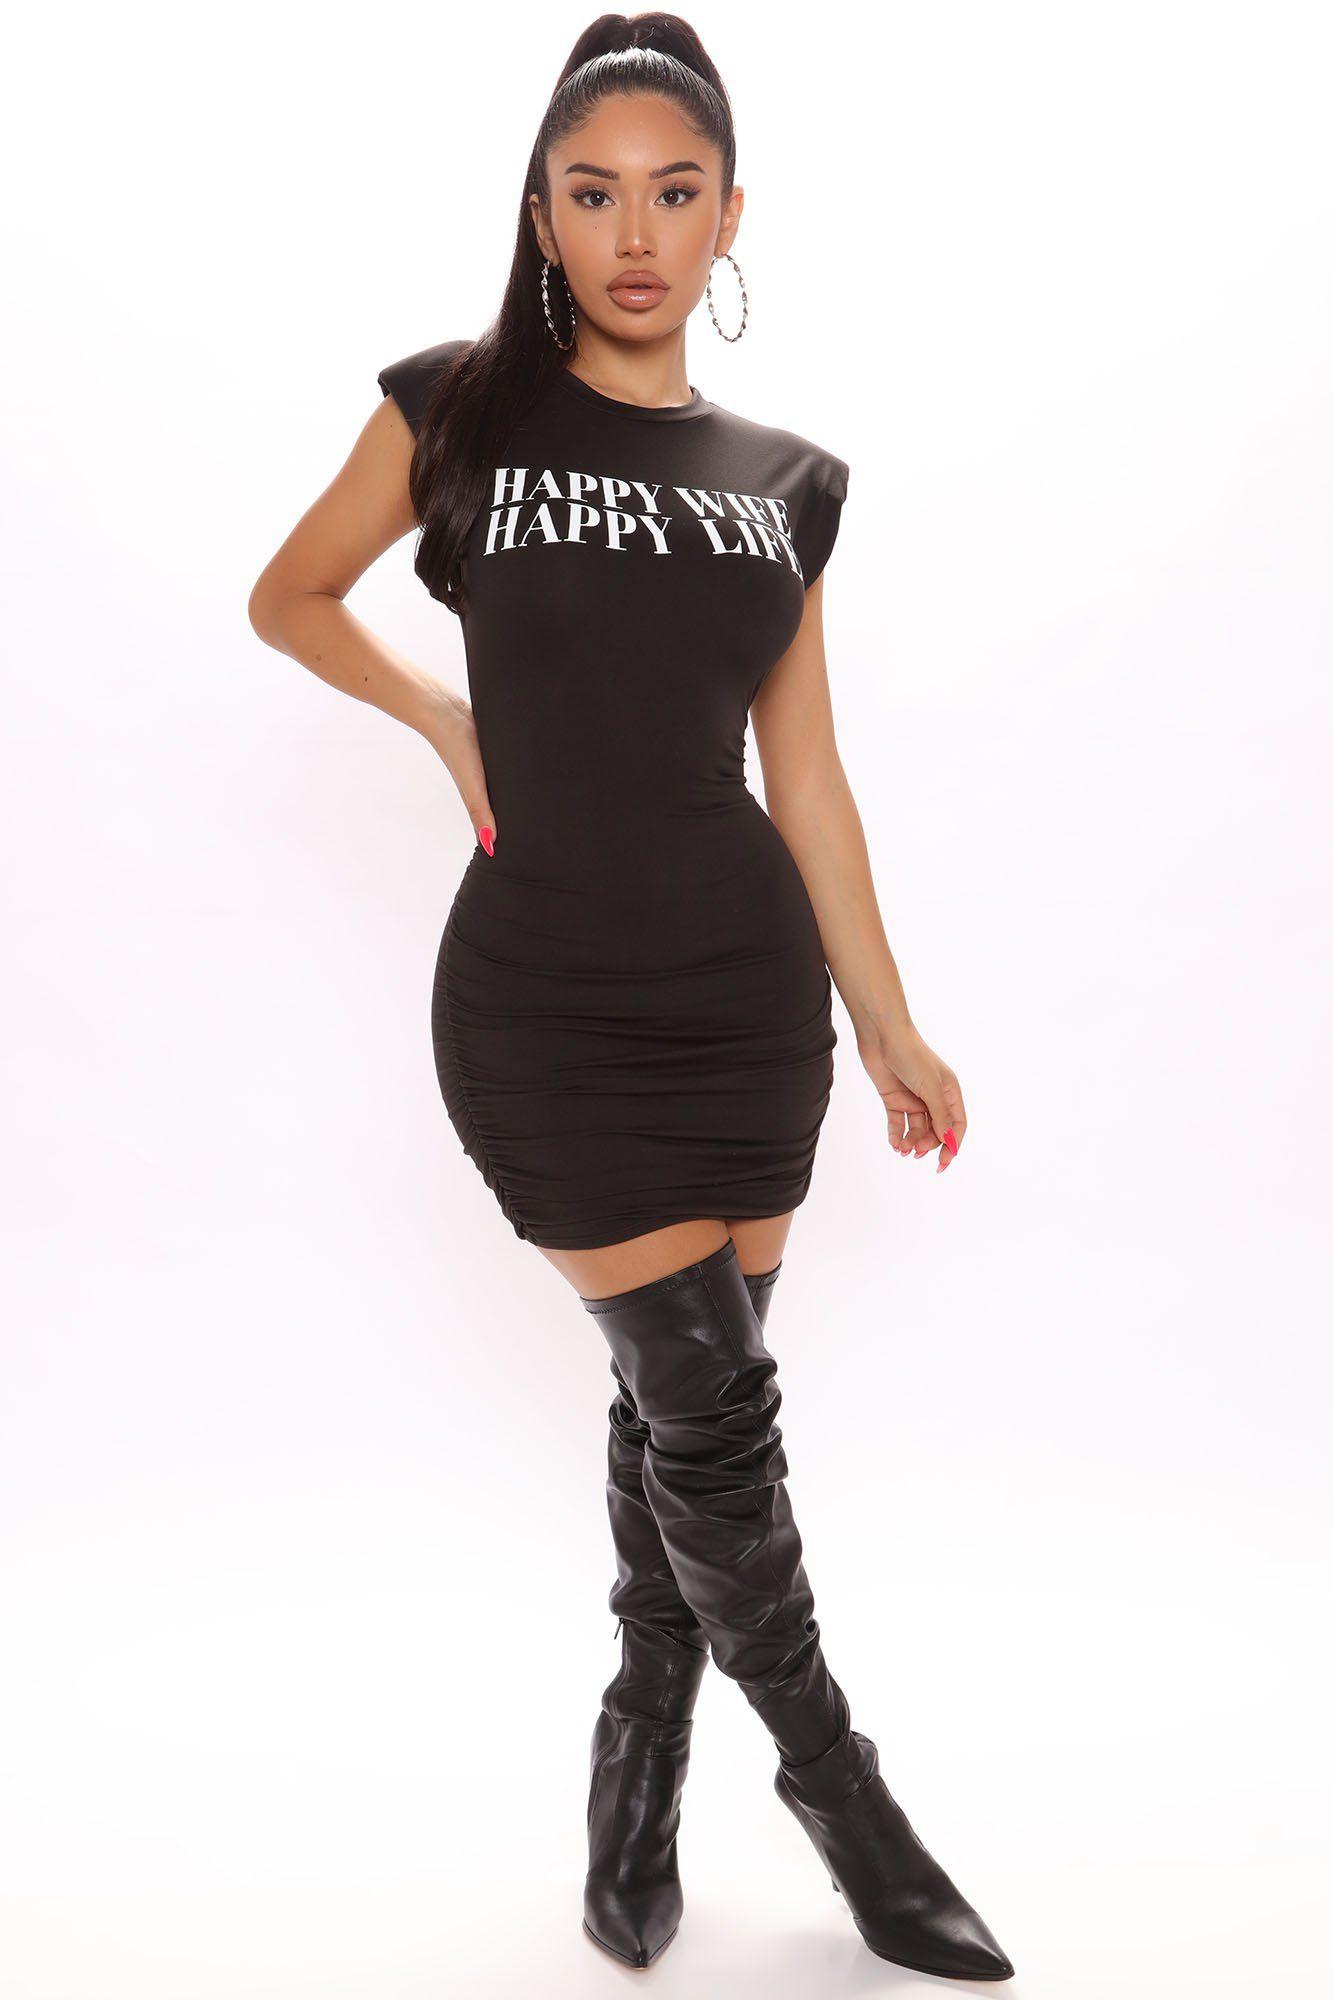 Happy Wife Shoulder Pad Mini Dress Black In 2021 Mini Black Dress Party Dress Classy Fashion [ 2000 x 1333 Pixel ]